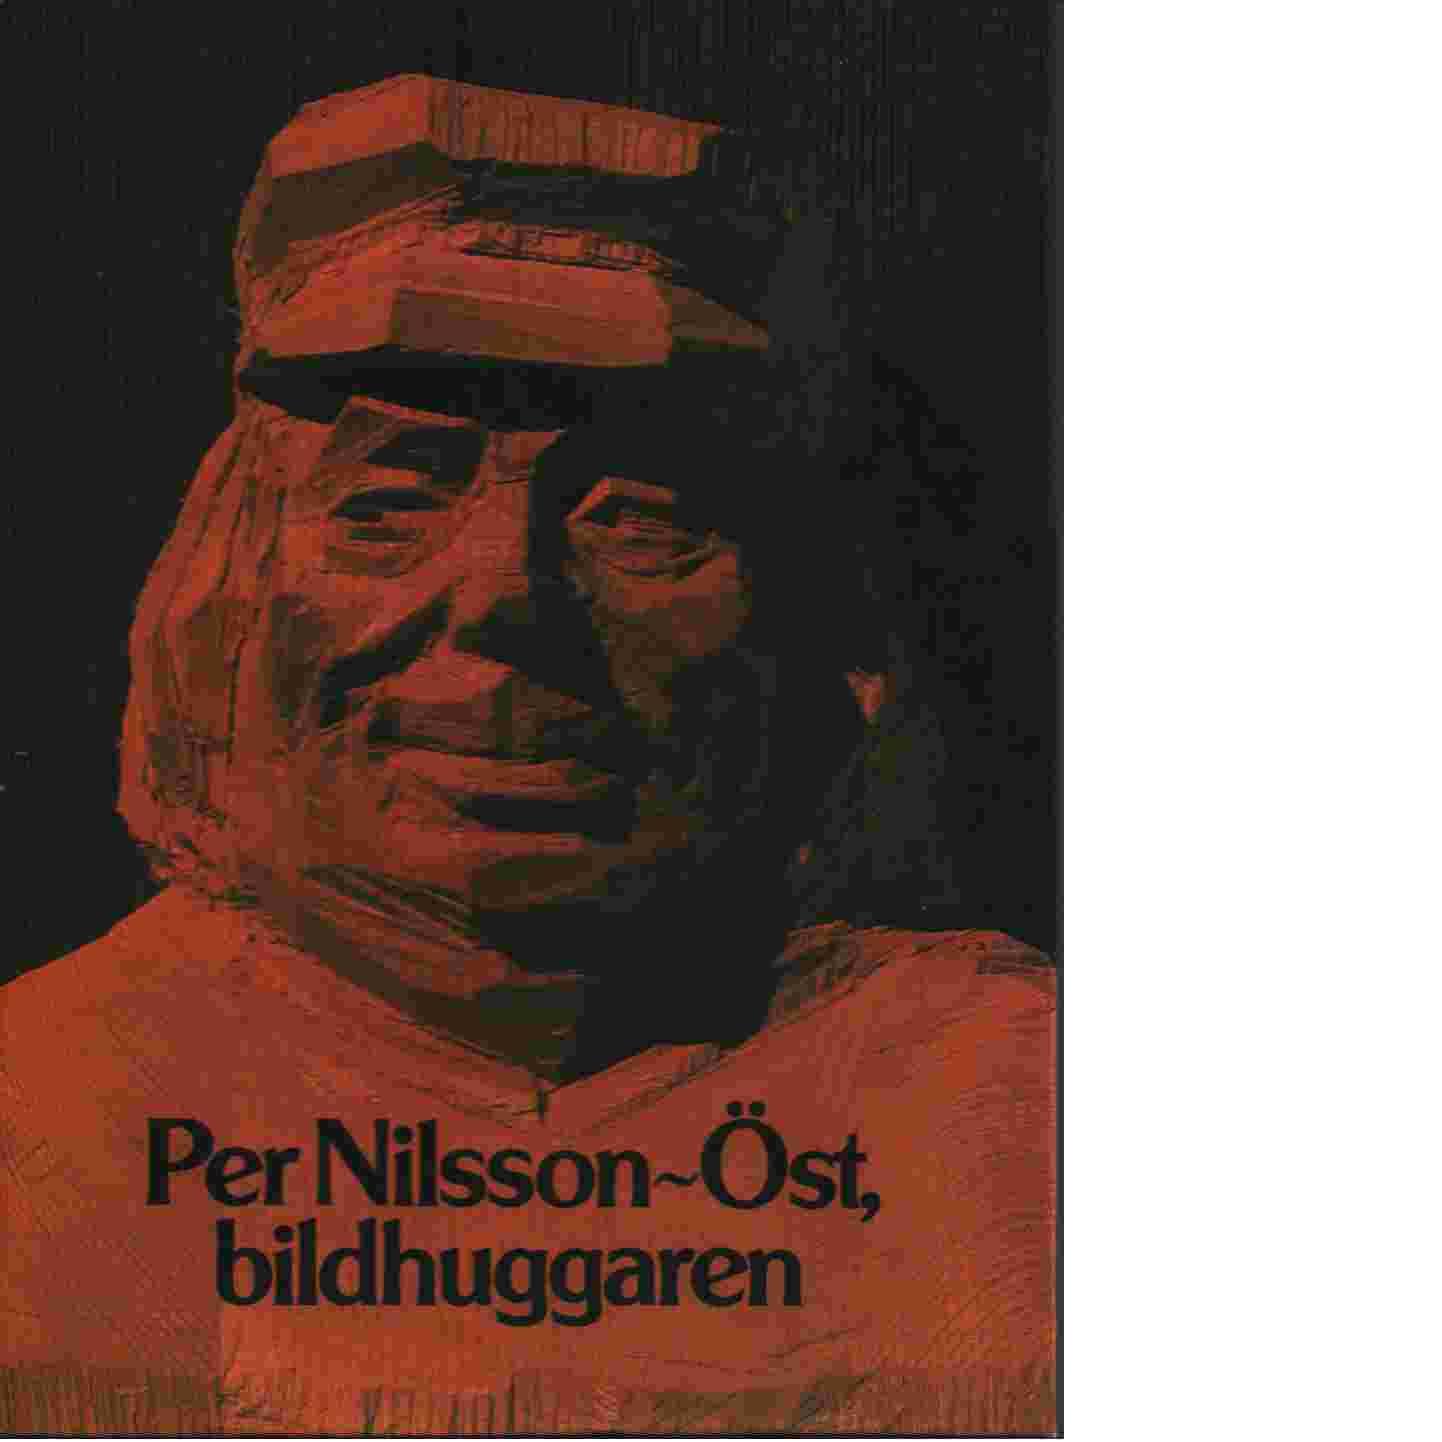 Per Nilsson-Öst bildhuggaren - Andersson, Stig m fl